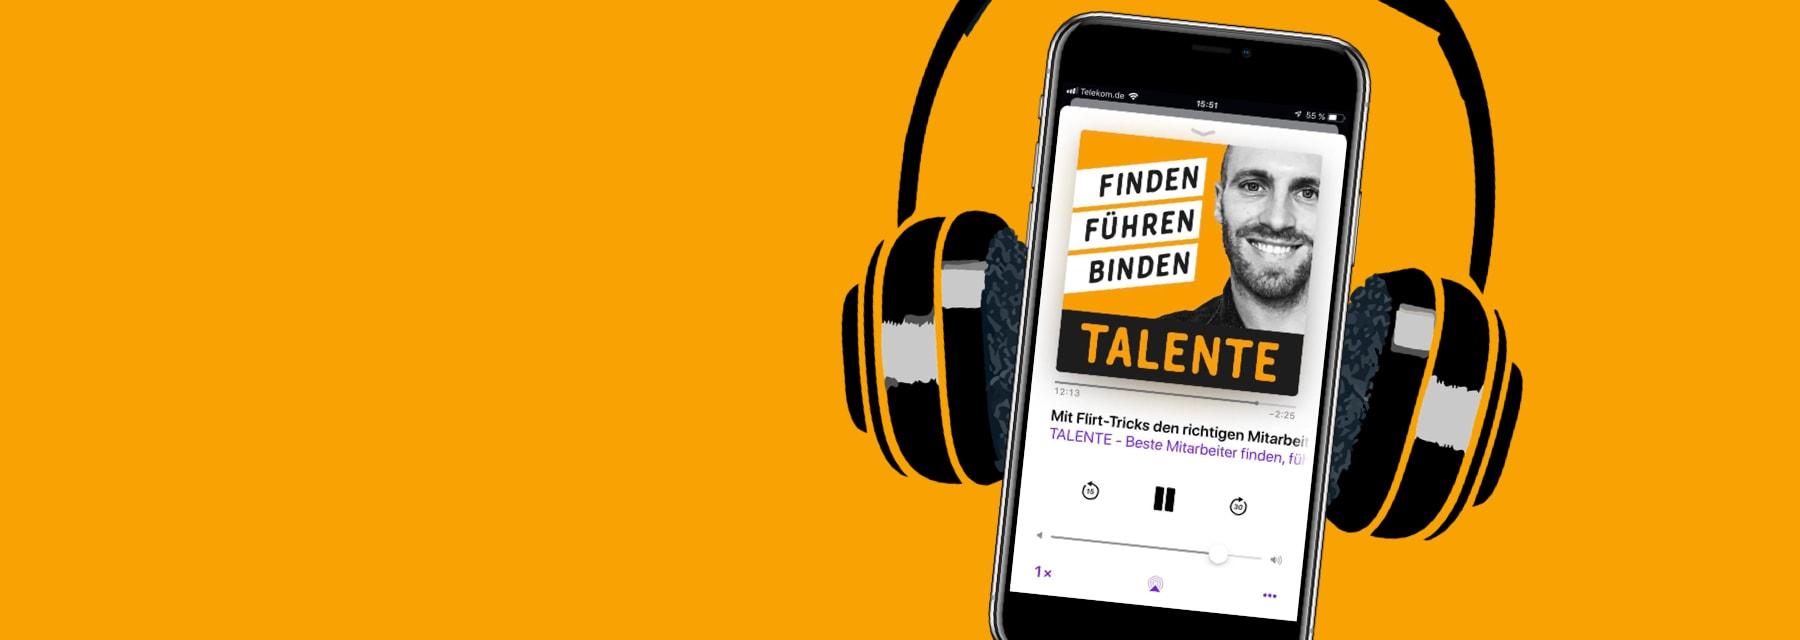 Talente Podcast Hacks für Leader Unternehmer Recruiting Führung Leadership Karriere